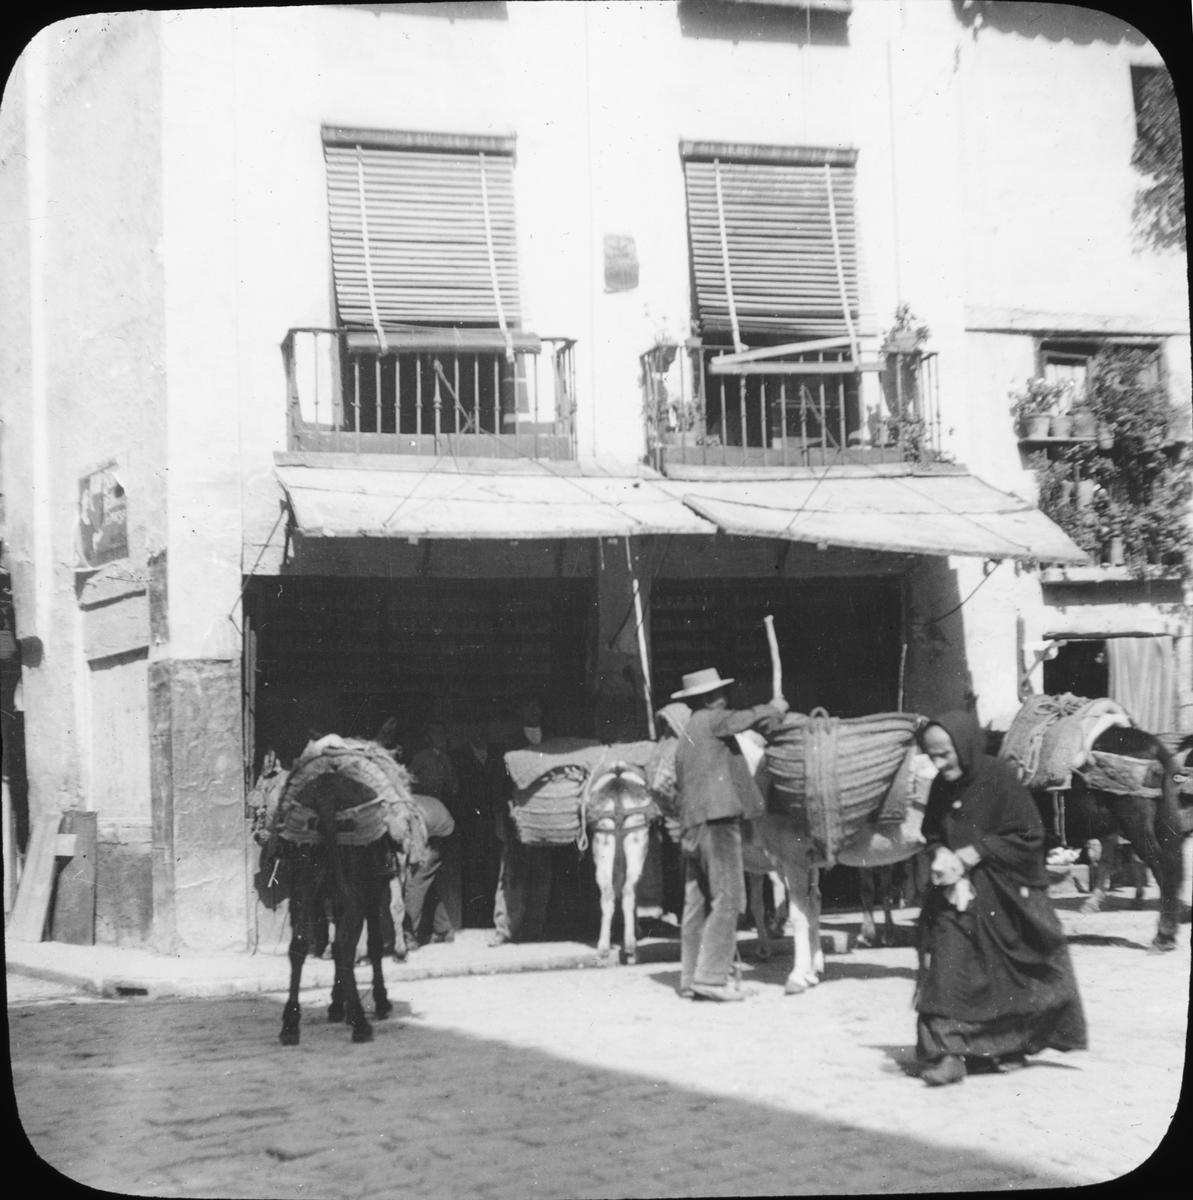 """Skioptikonbild med motiv från gata i stadsdelen Posadas, Cordoba. Bilden har förvarats i kartong märkt: Höstresan 1910. Granada 9. N:7. Text på bild: """"Posada""""."""